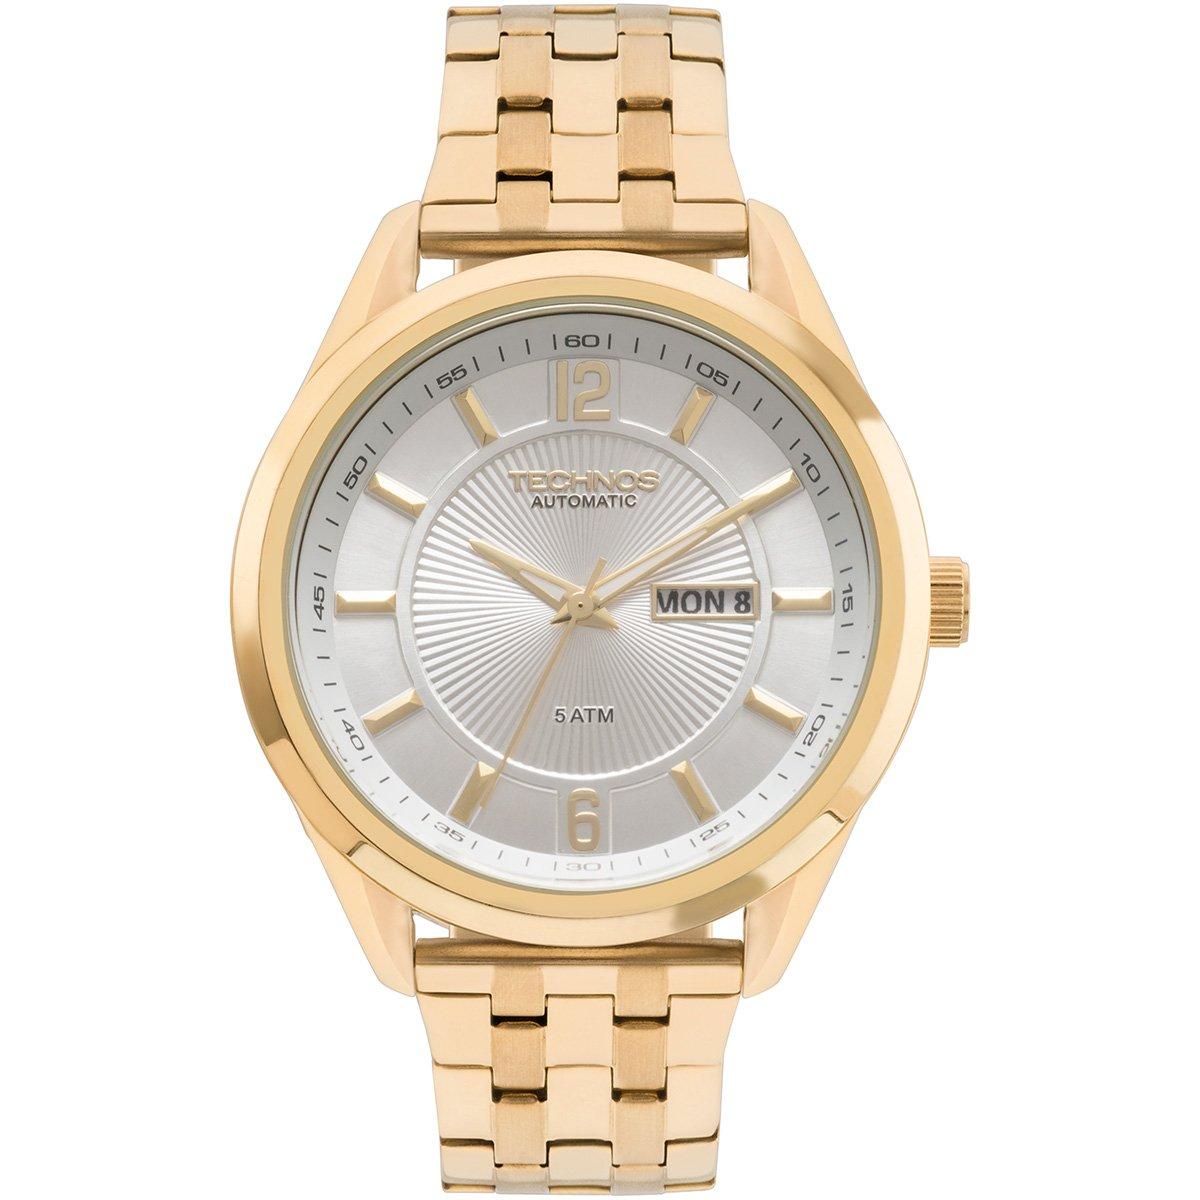 7e1c64f24cad4 Relógio Technos Analógico 8205NL4K Masculino - Dourado - Compre ...